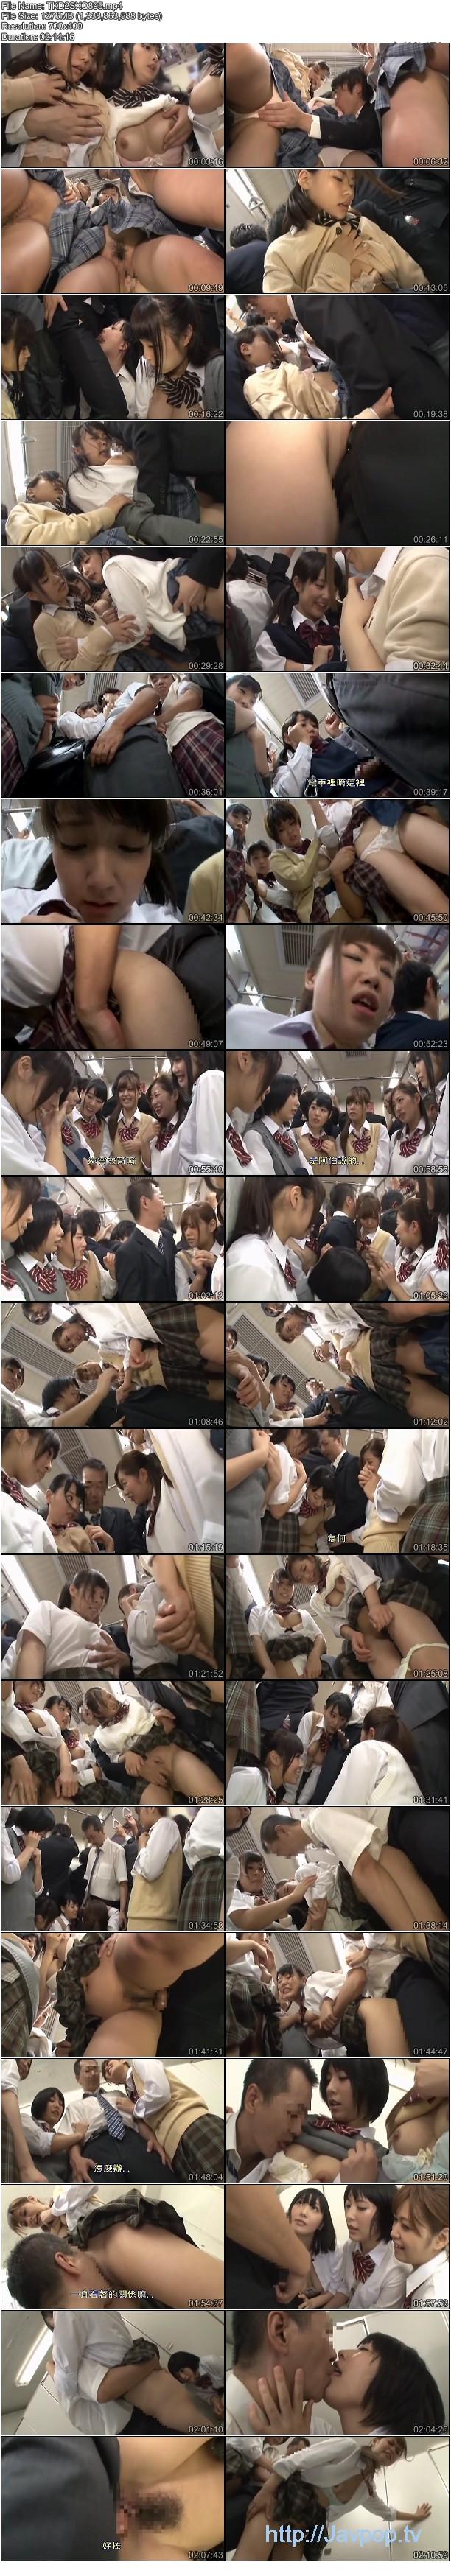 [HUNT-895] 在超擠電車上與學生妹前後緊密貼合無法動彈!!因10幾歲年輕肉體的香味忍不住勃起,原本還煩惱以為會被當成變態,沒想到她們居然對我勃起的肉棒相當感興趣!![中文字幕]